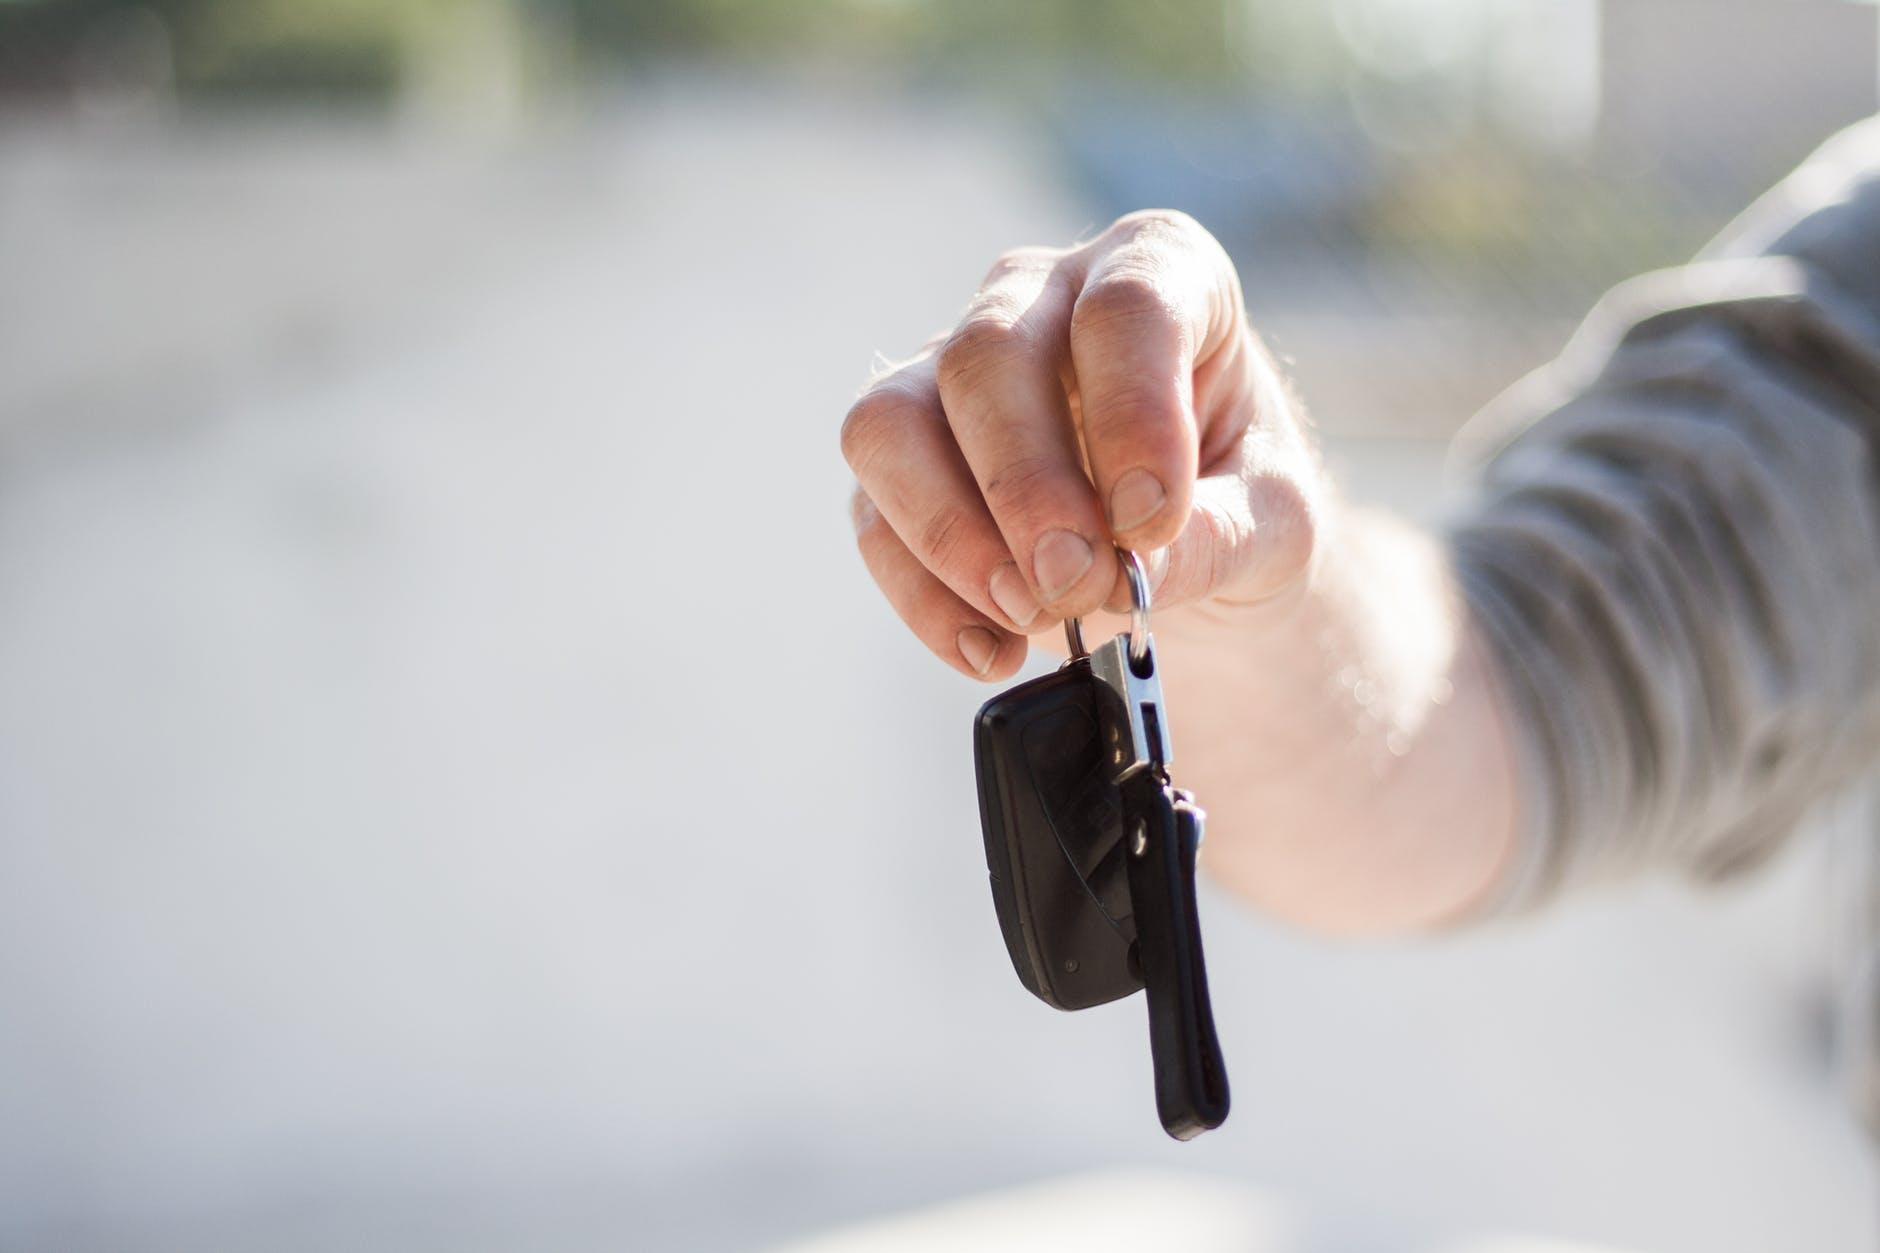 """Autoversicherung: Große Zurückhaltung bei sogenannten """"Telematik-Bonus-Tarifen"""" in einer Expertenbefragung"""